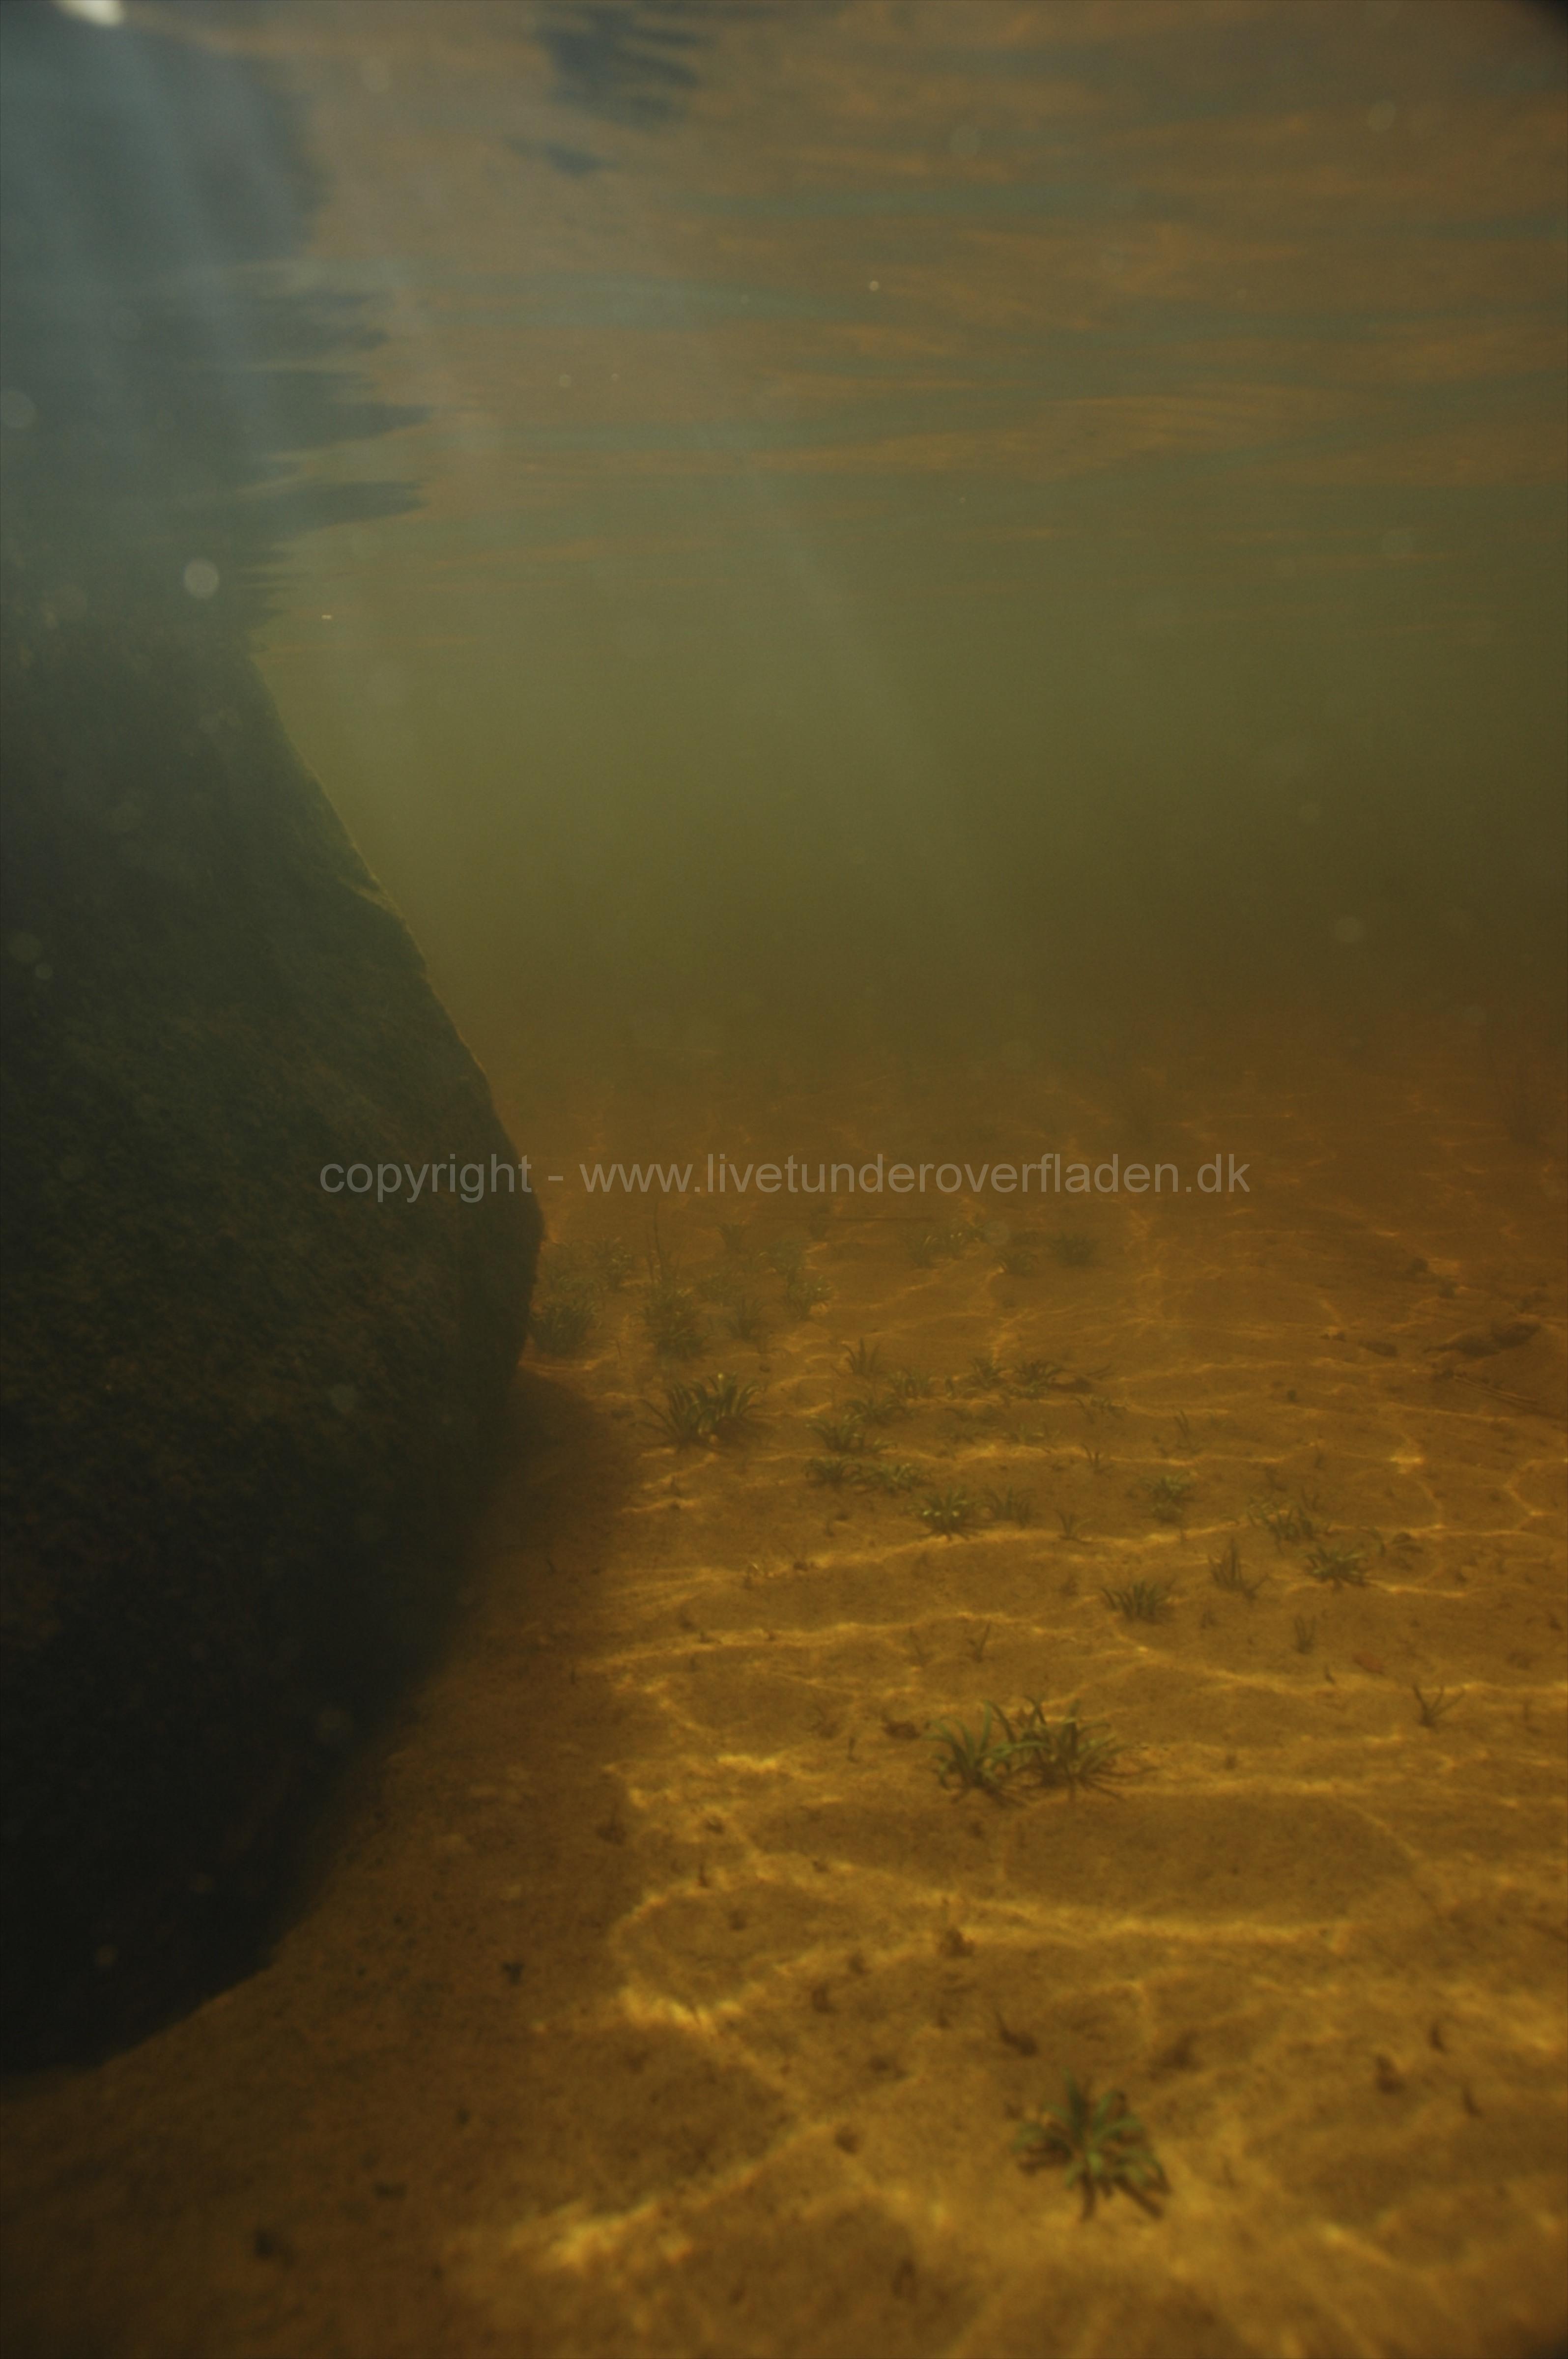 Freshwater habitat_Martin_Kielland 22